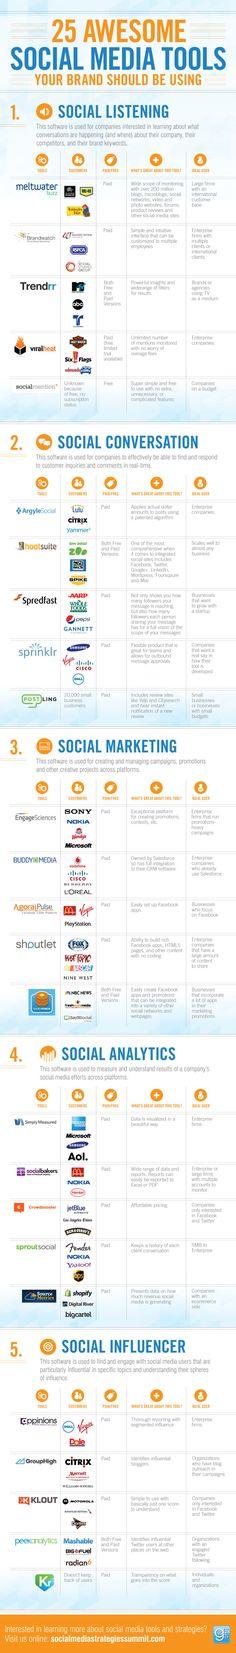 Gli obbiettivi che si pongono le varie piattaforme  social media sono profondamente diversi. Questa recente infografica ripropone in maniera veloce un analisi di 25 tra i più utilizzati strumenti a supporto di chi si occupa di SMM e di SMC.